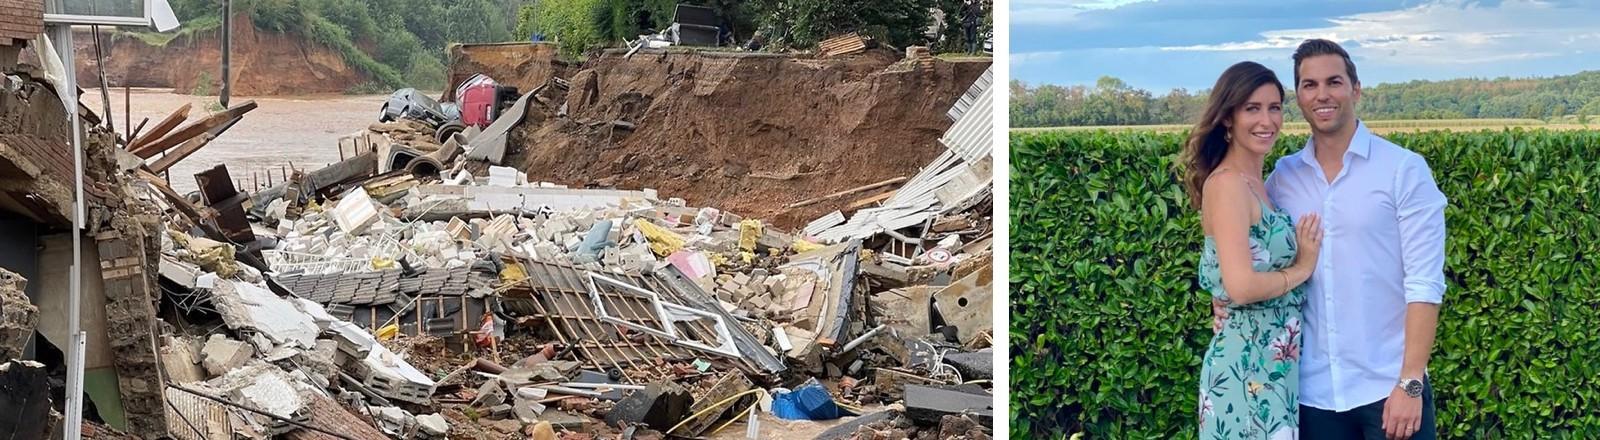 die Trümmer des Wohnhauses und dahinter die Fluten, Nora da Silva und ihr Mann